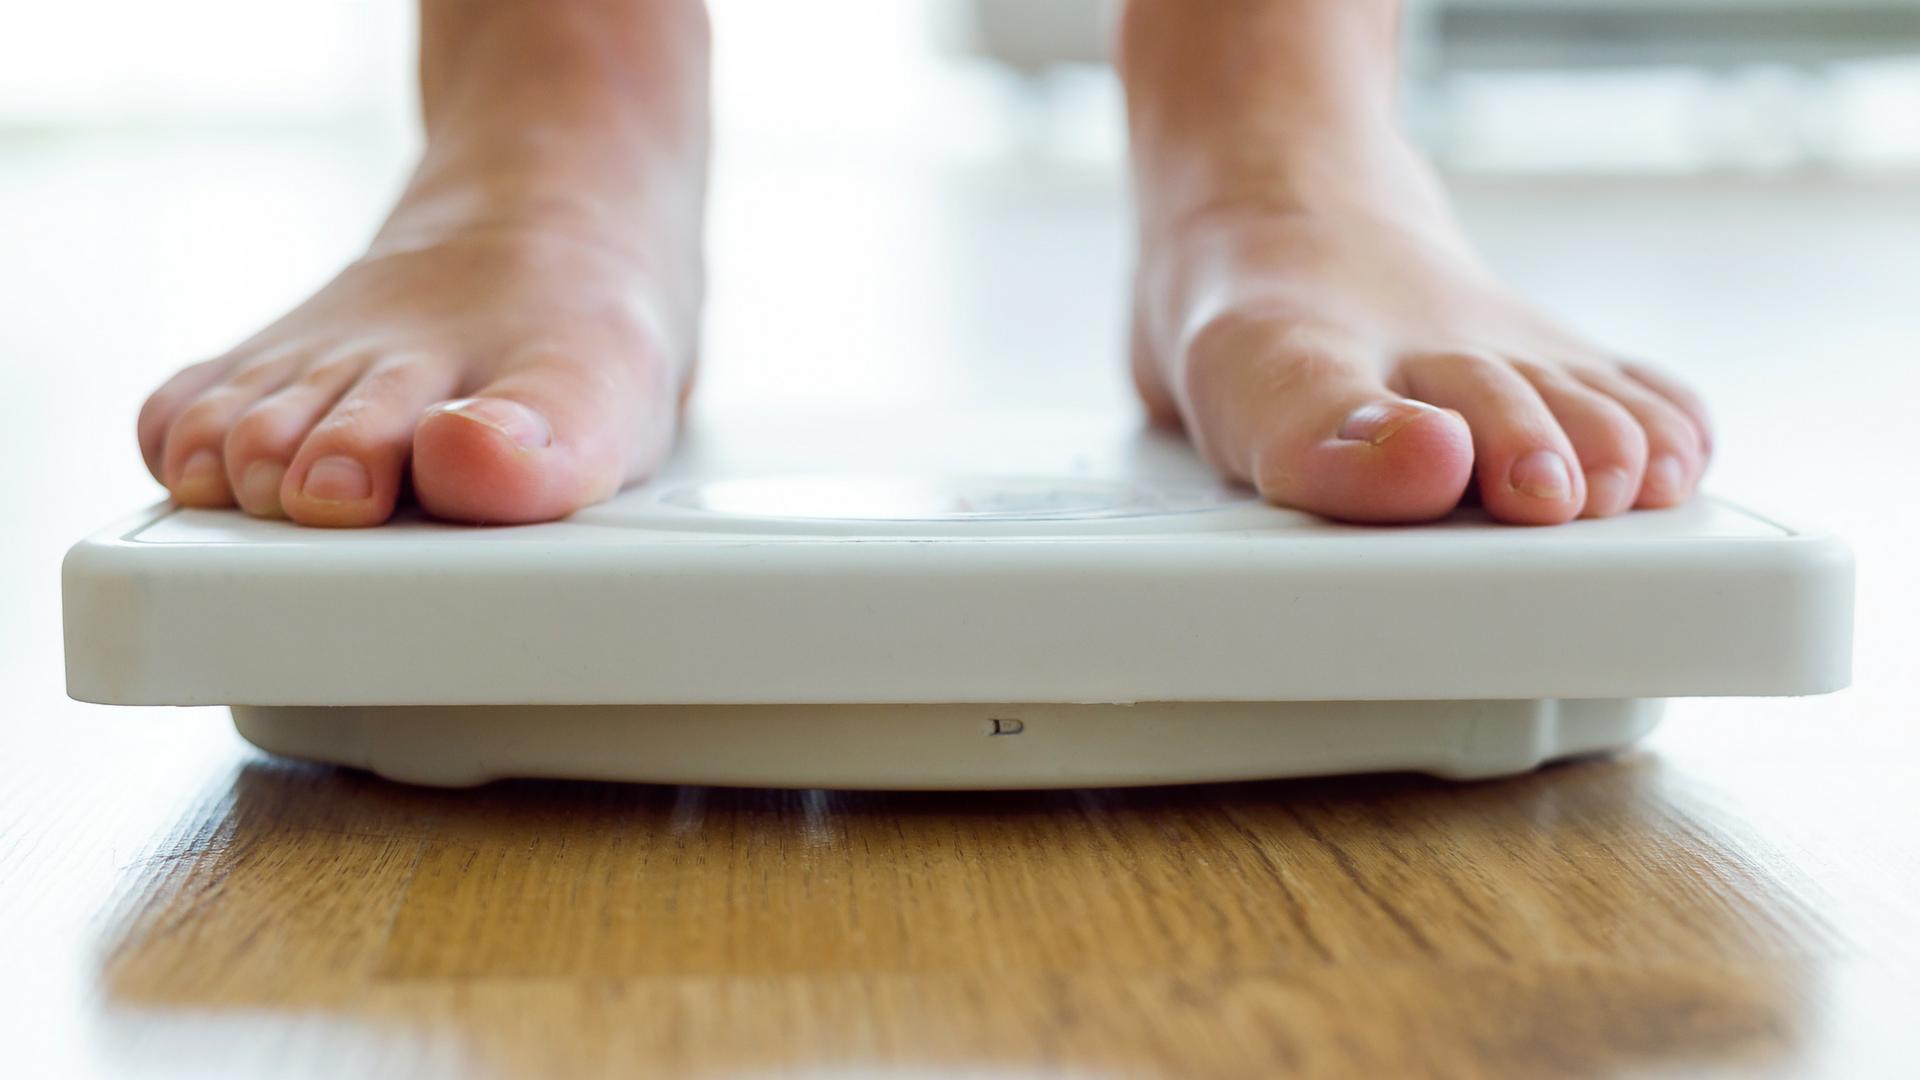 kaalulangus pikaajaline periood arti dari rasvapoletaja